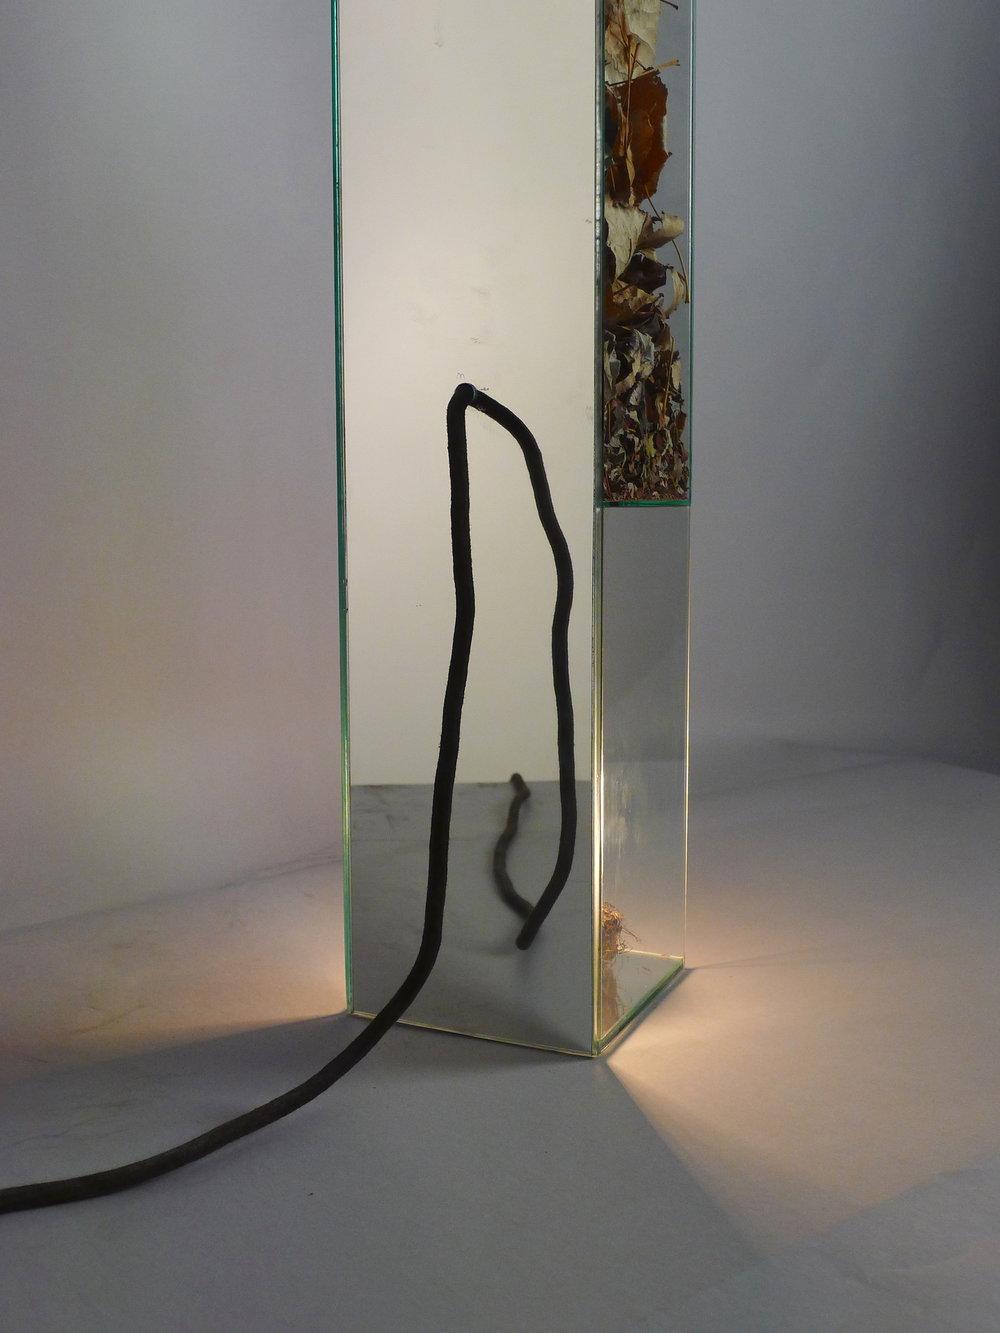 309.3.ESPAÇO-TEMPO.Vidro float, espelho e matéria prima, 80 x 13.5 x 13.5 cm, 2013.JPG